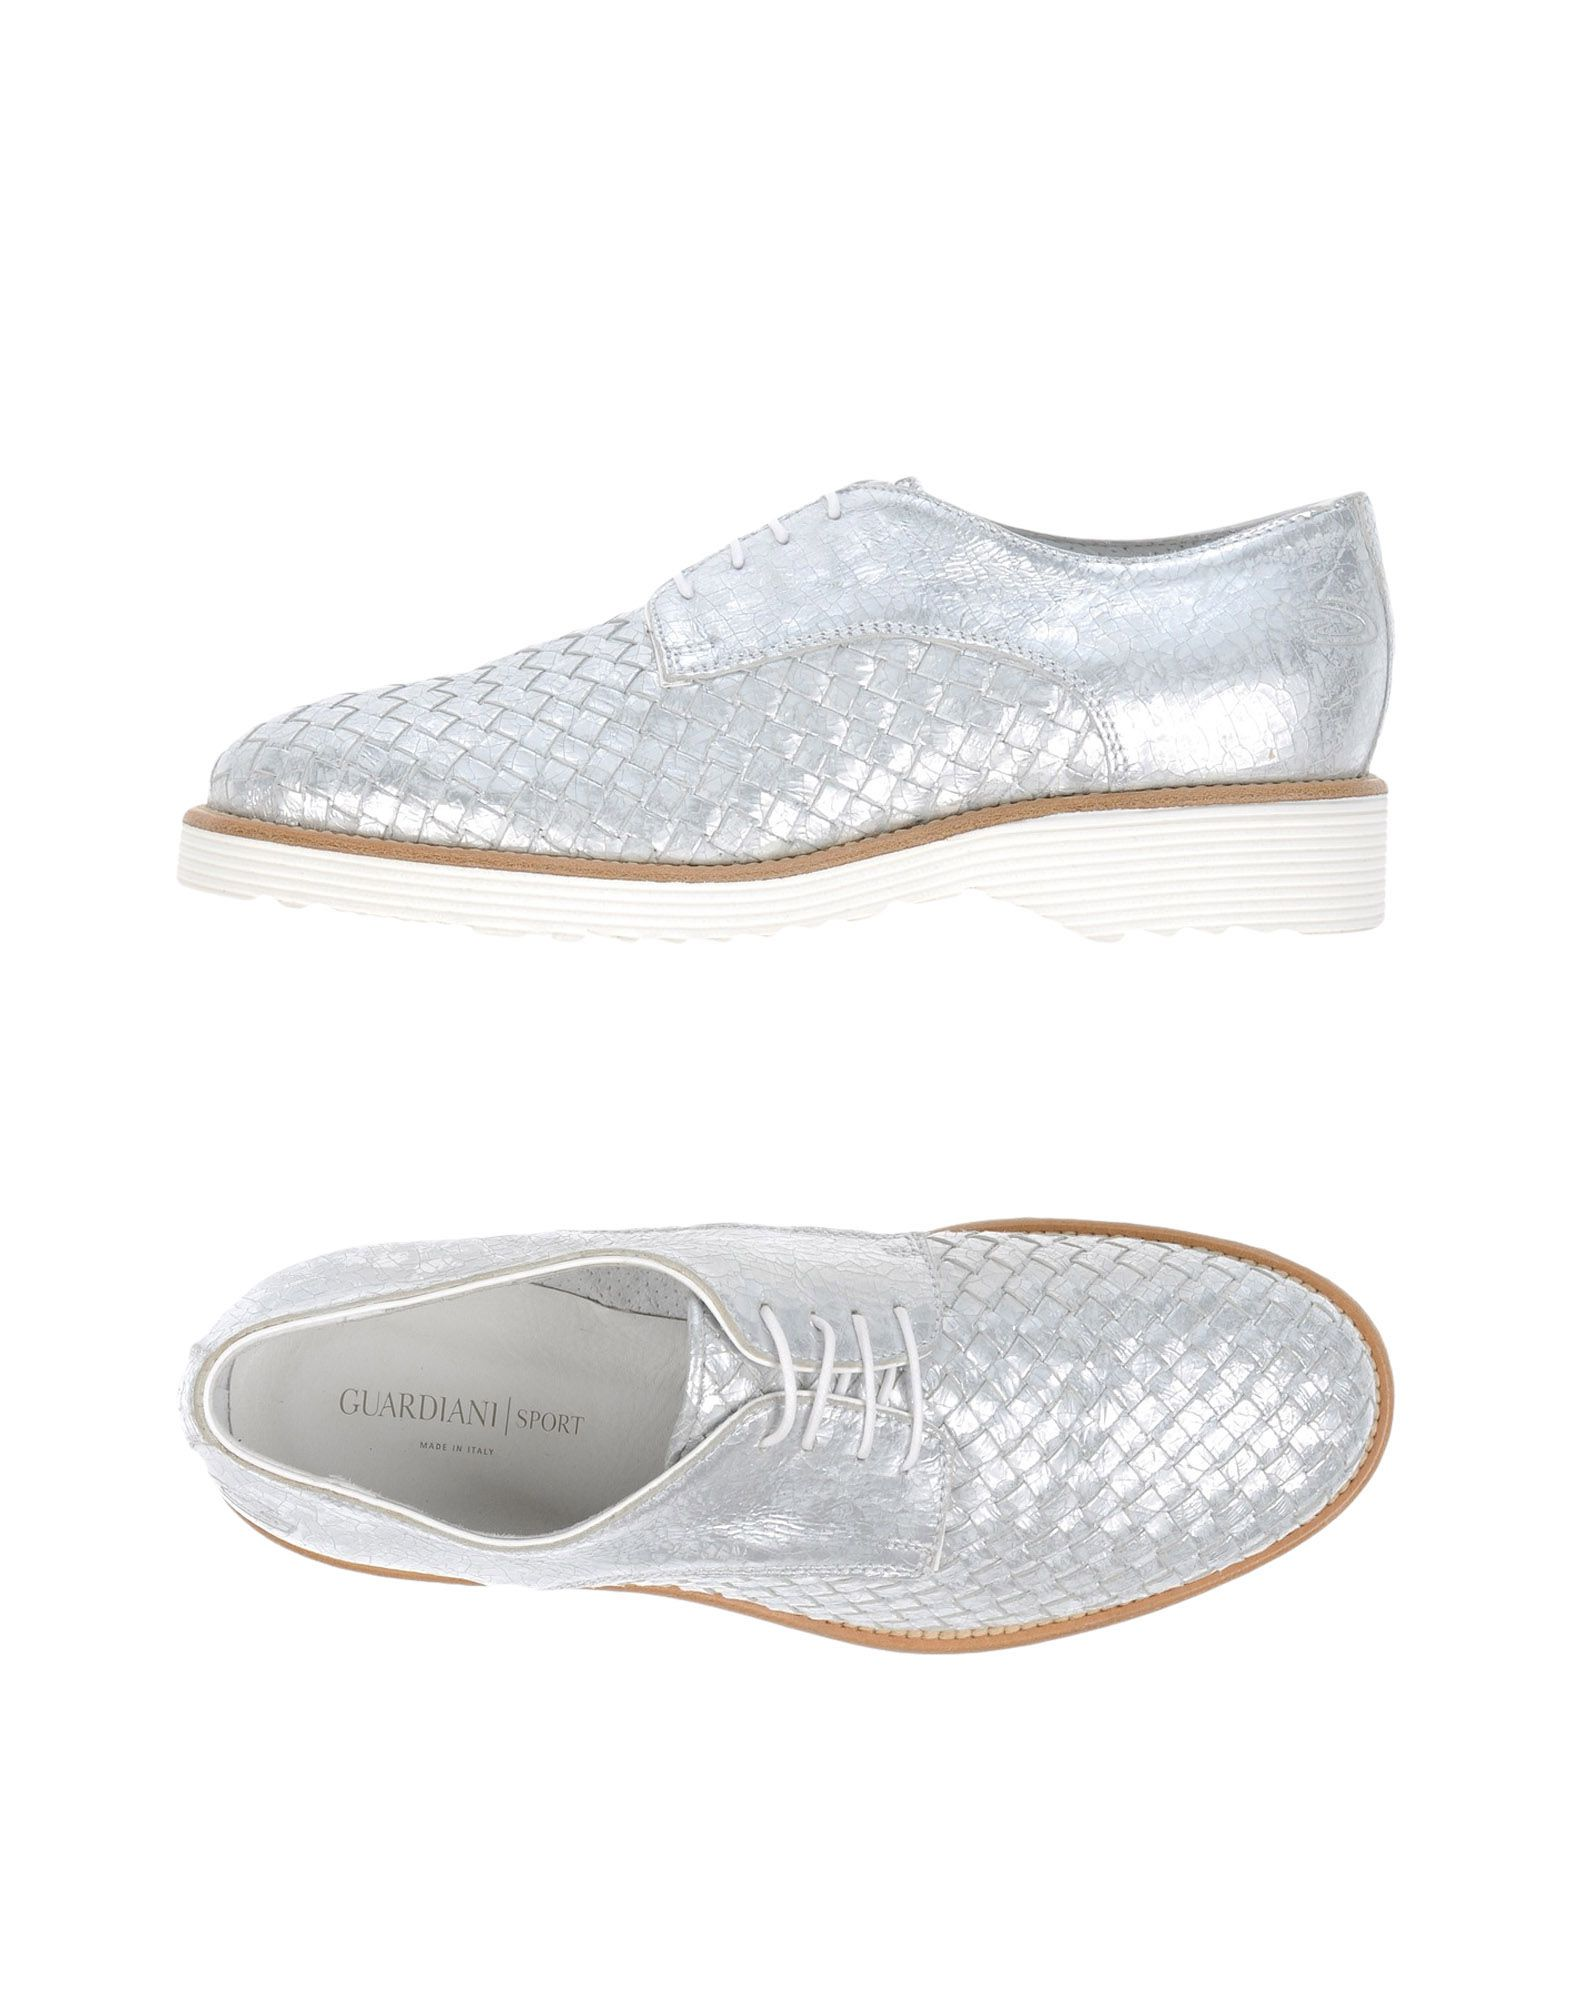 Alberto Guardiani Schnürschuhe Damen  11232738BR Gute Qualität beliebte Schuhe